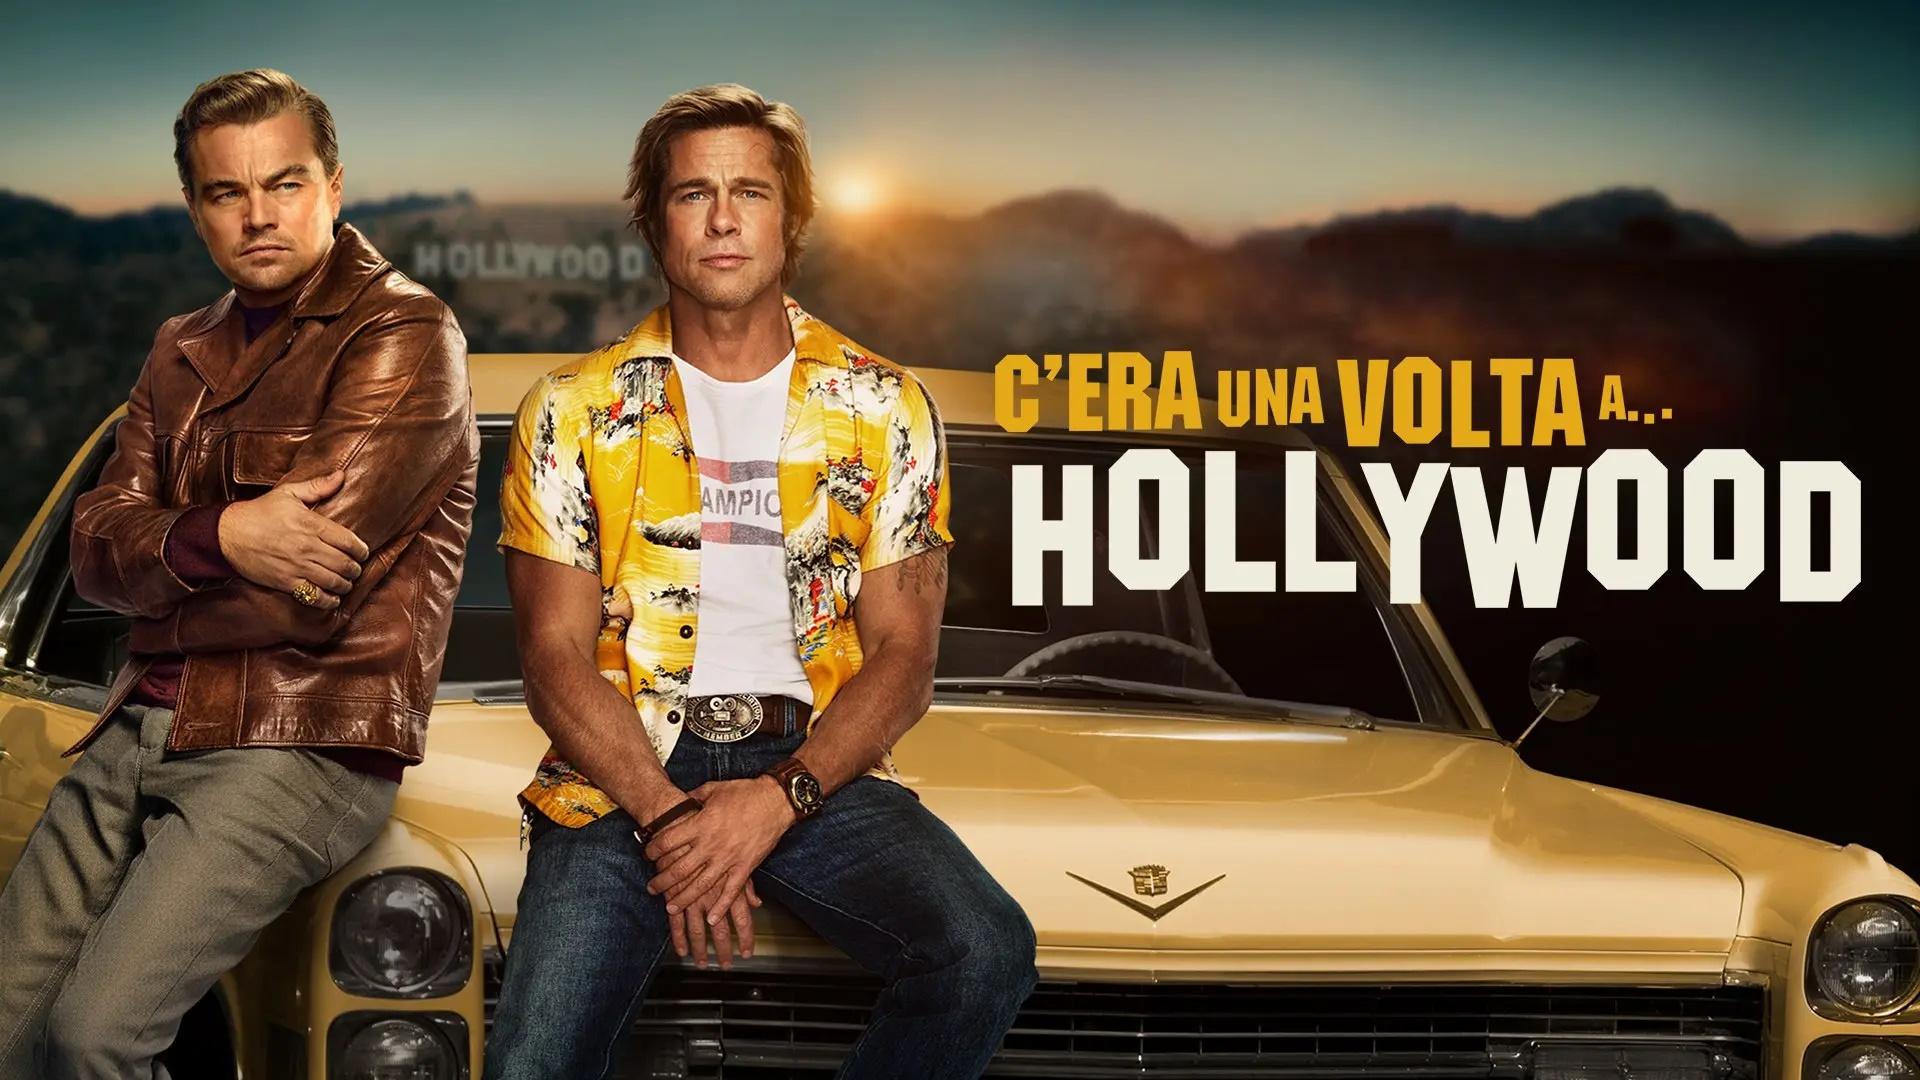 Venerdi 1 Maggio sui canali Sky Cinema HD